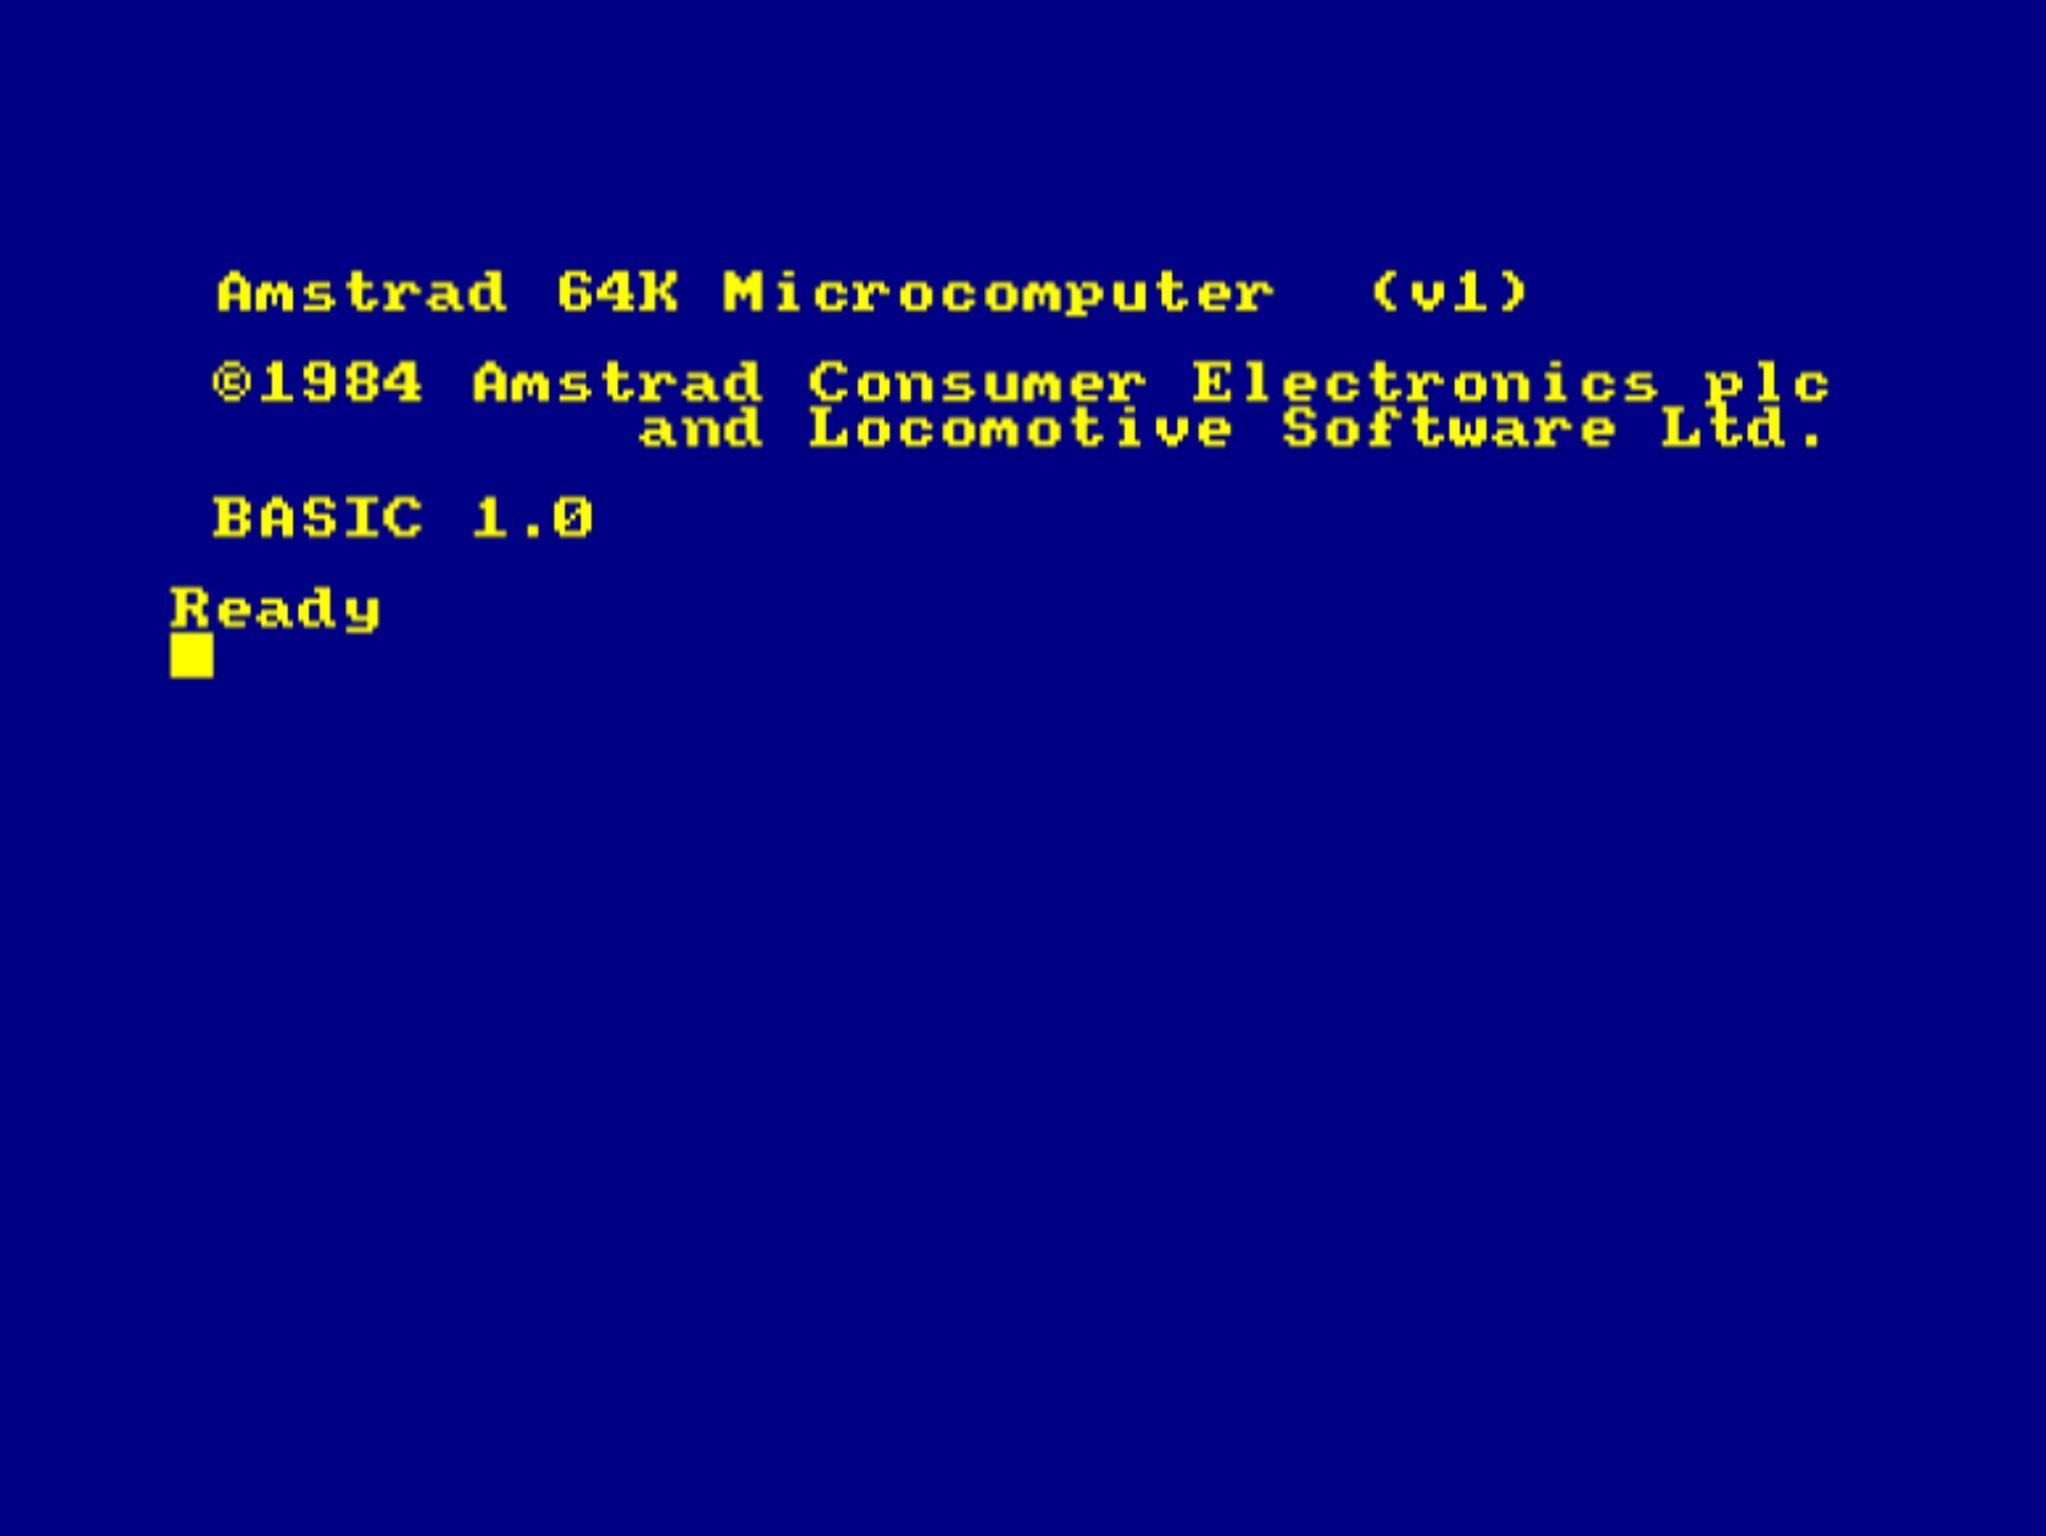 The Amstrad! Woo Hoo!